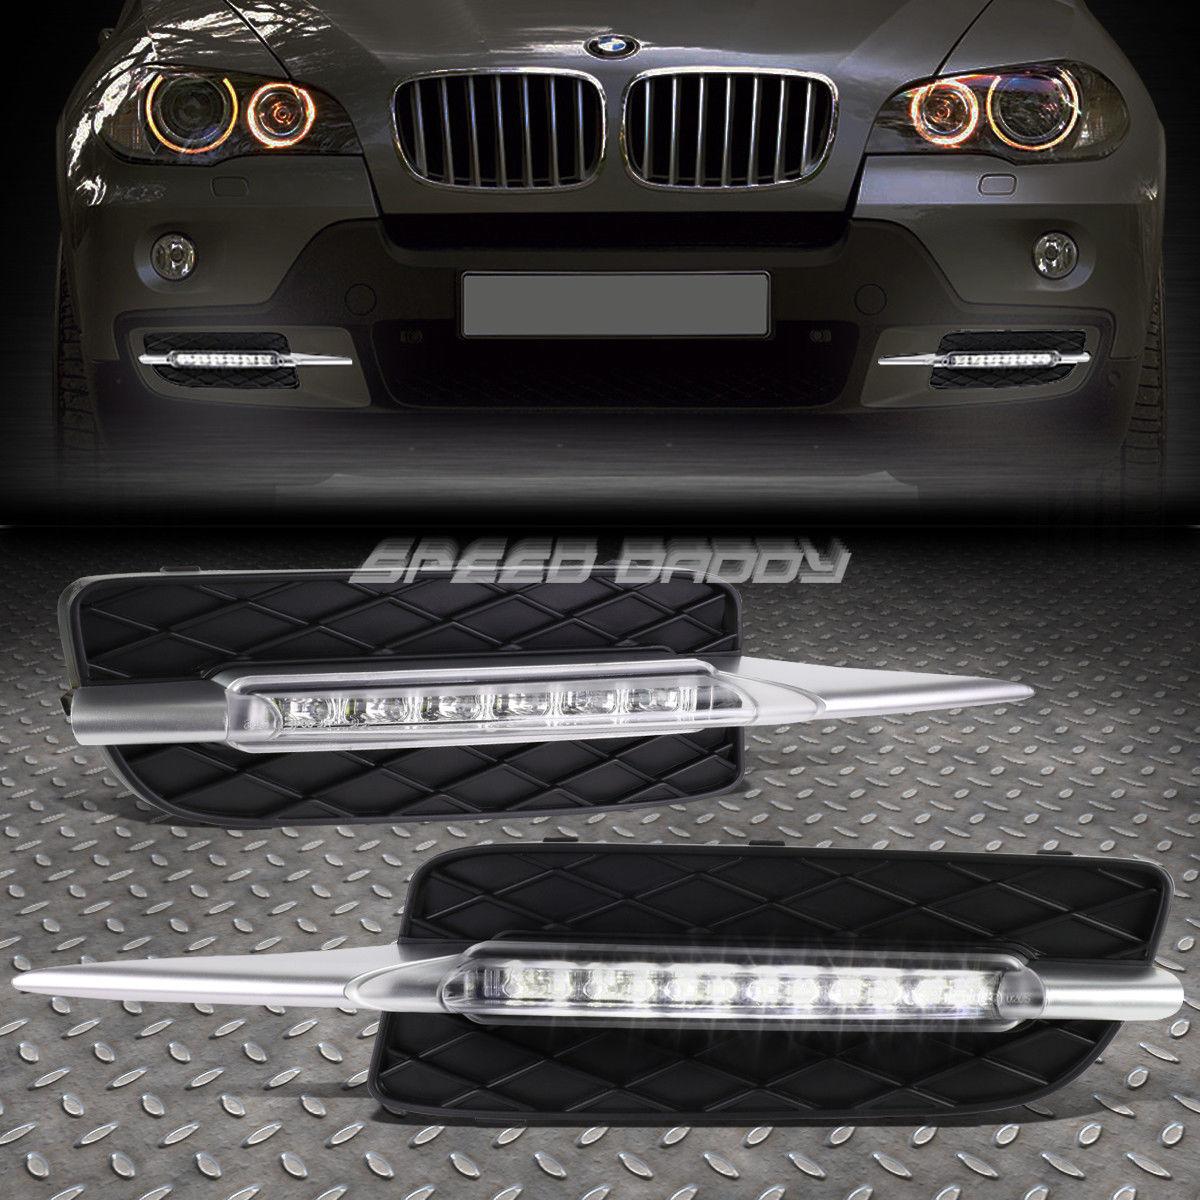 フォグライト FOR 07-10 BMW E70 X5 NON M-SPORT BUMPER FOG GRILL LED DRL DAY TIME RUNNING LIGHT FOR 07-10 BMW E70 X5 N-MスポーツブローカーFOGグリルLED DRL DAY TIME RUNNING LIGHT